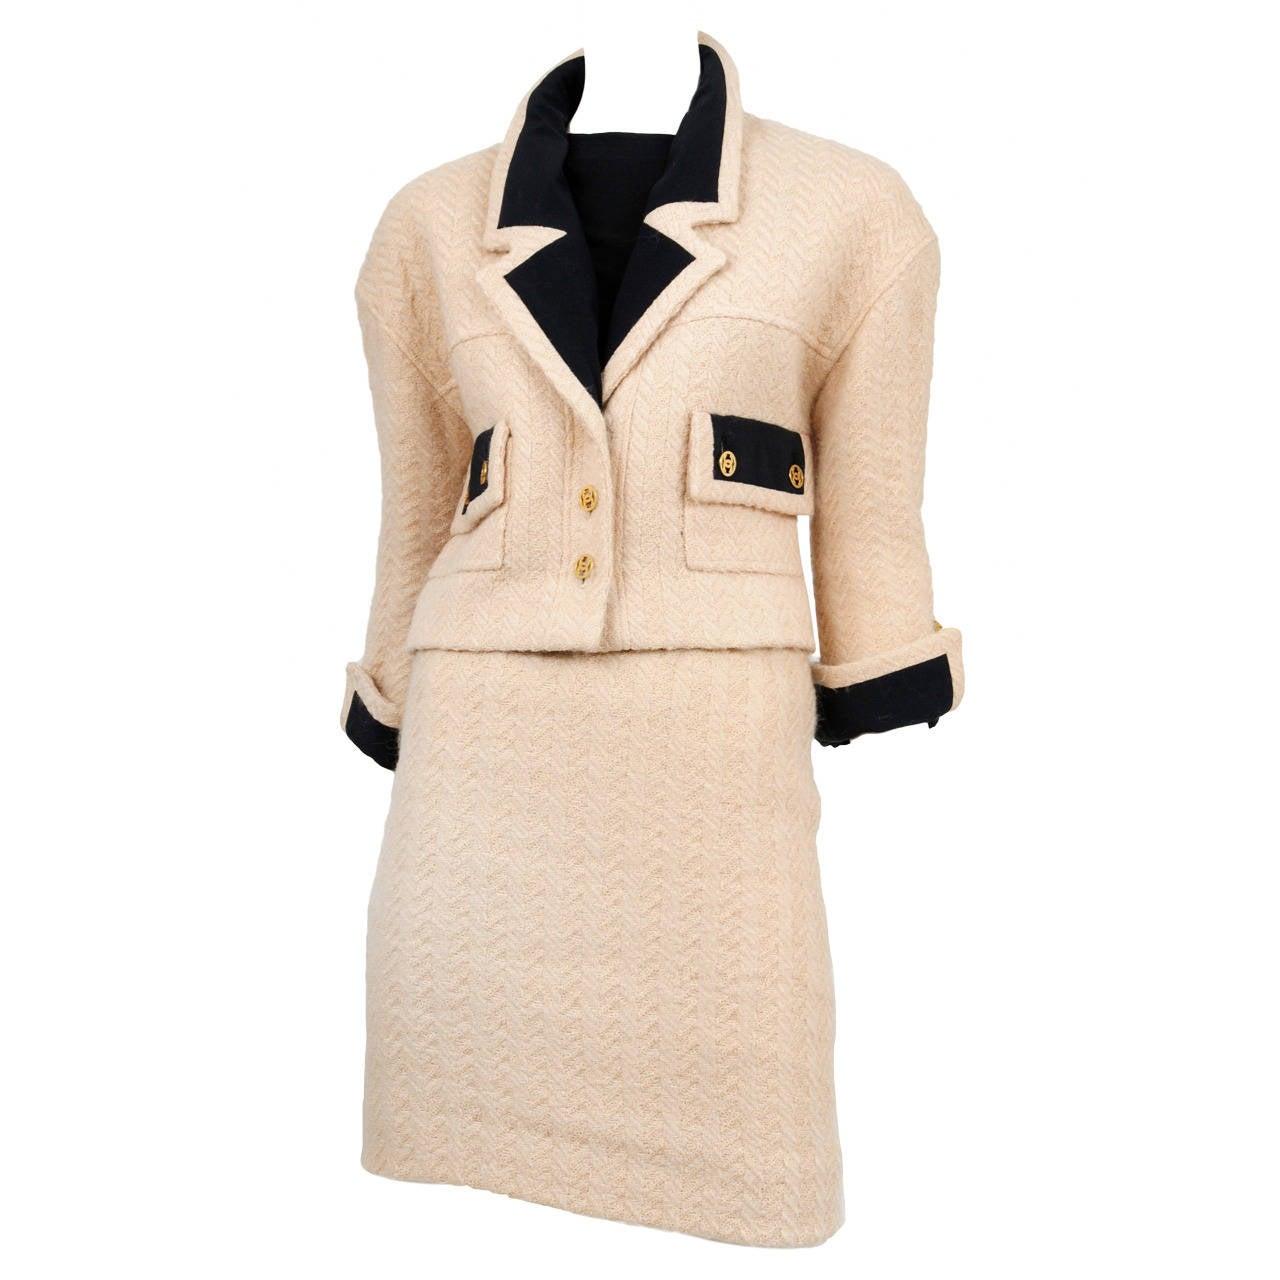 Chanel Boucle 2 pc. Suit 1